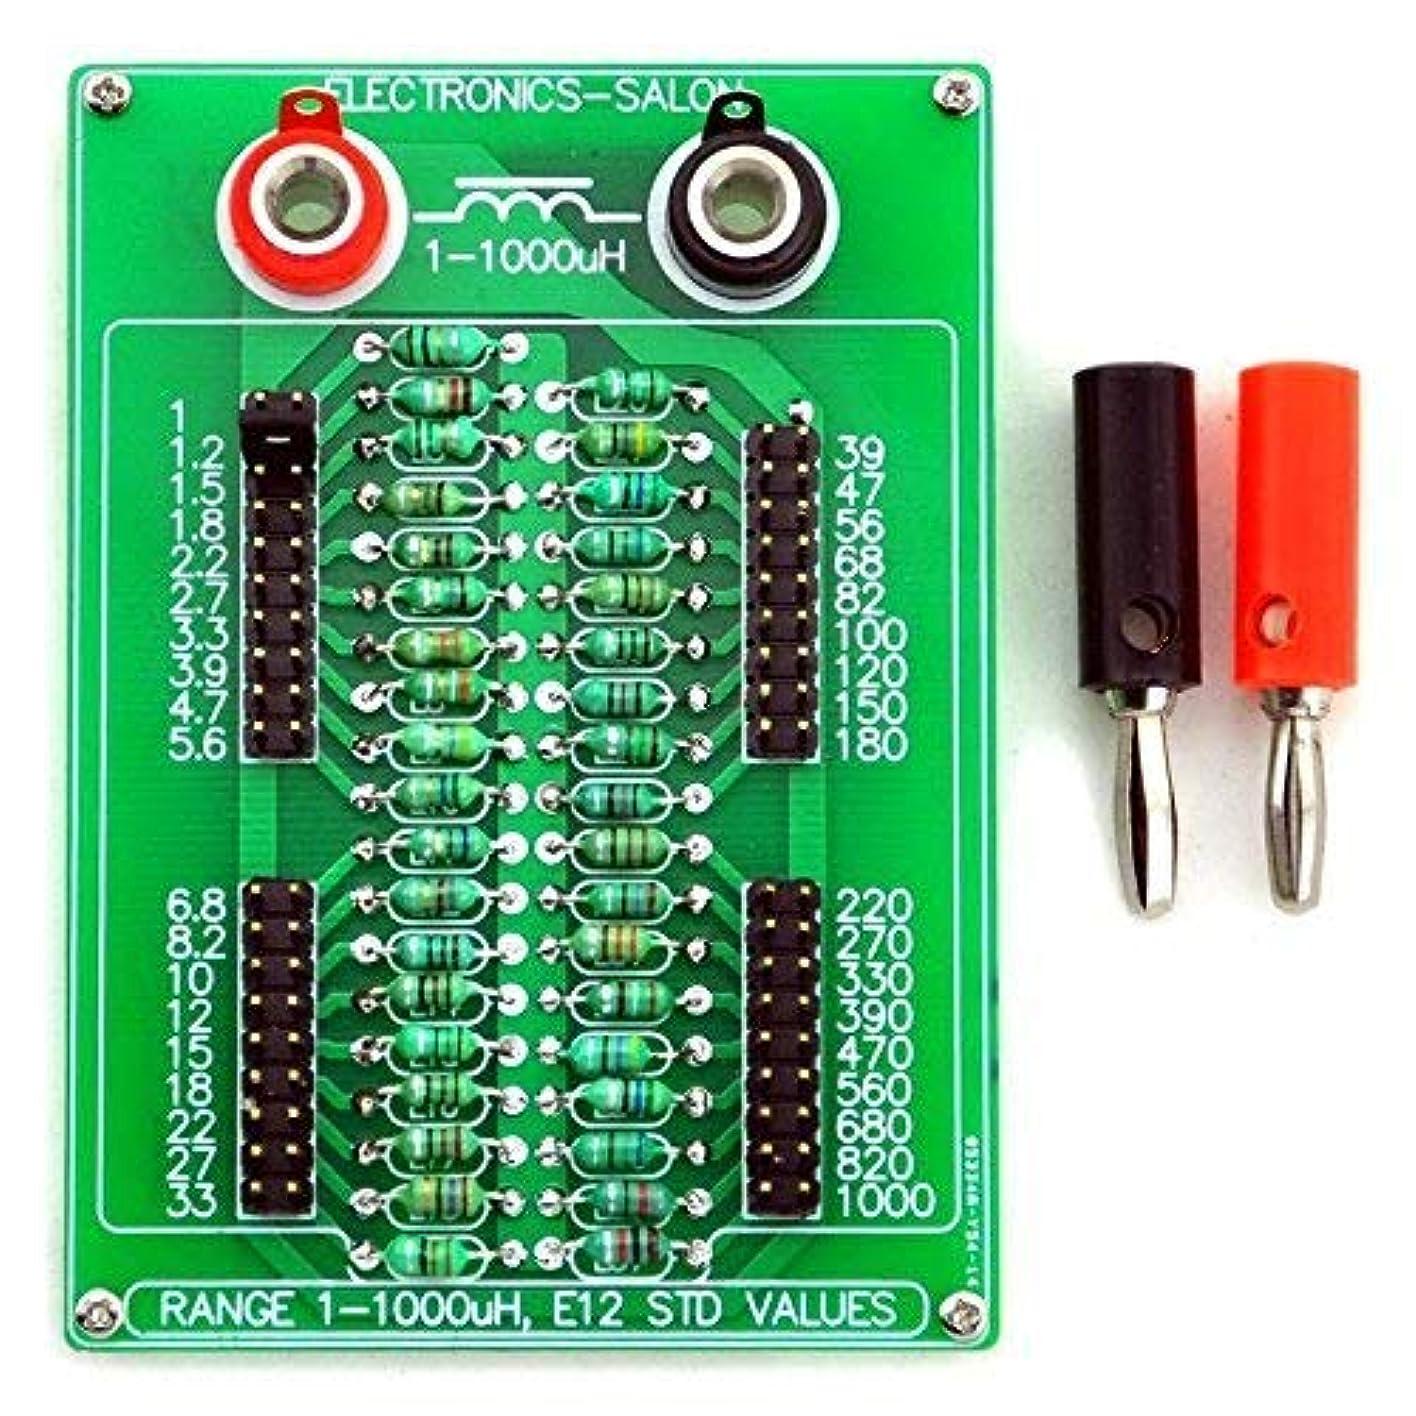 騒々しい虐待好ましいElectronics-Salon E12標準 37 値プログラマブルインダクタボード1000uhする1uh